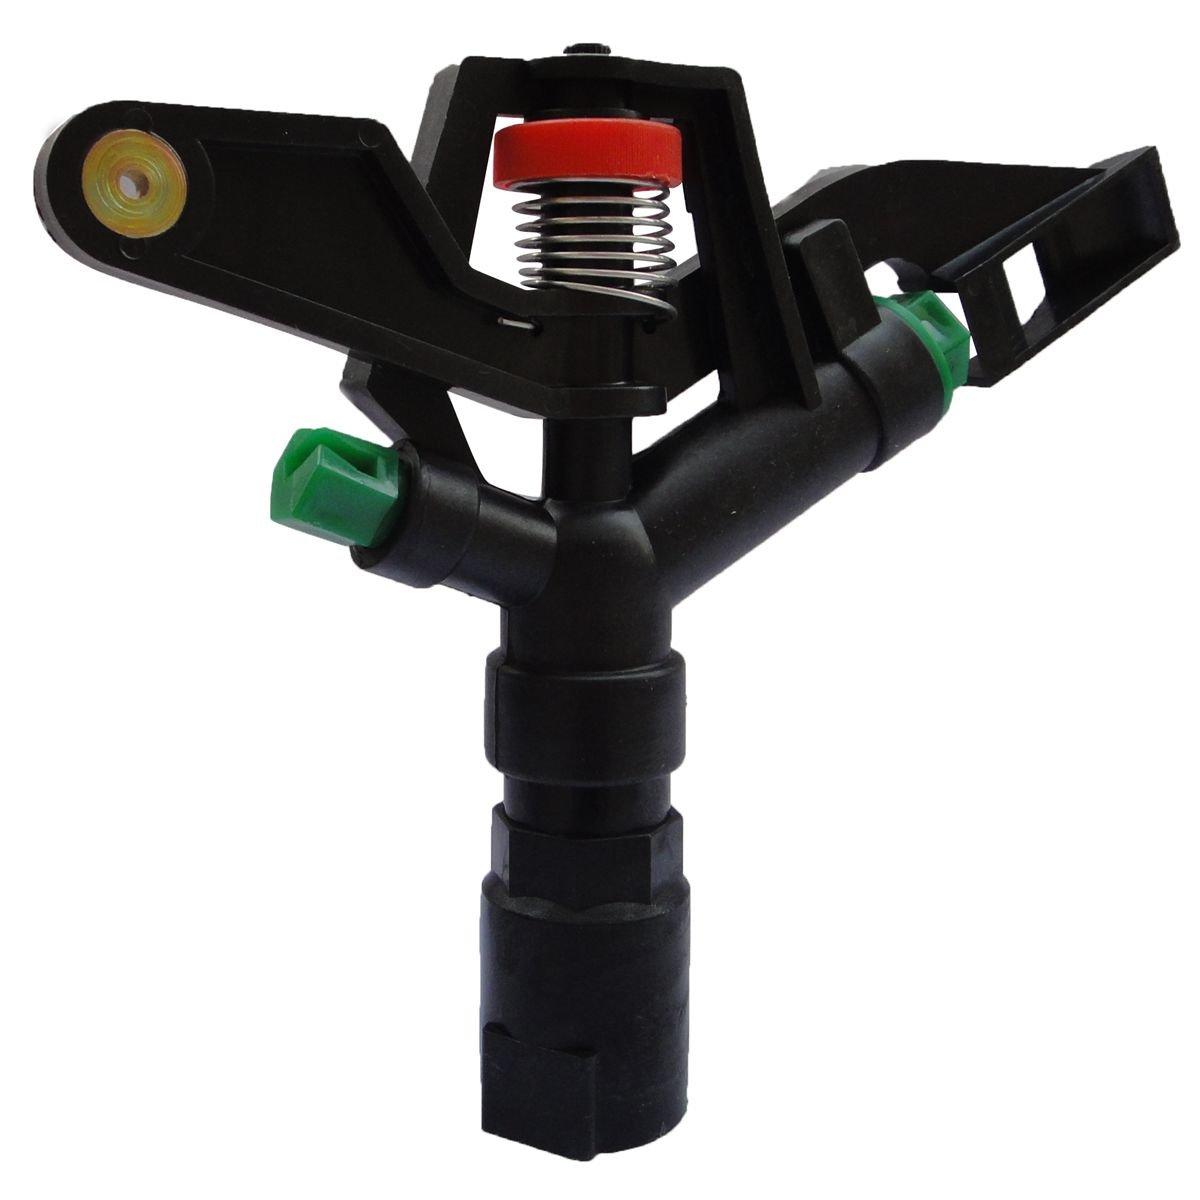 小花 店-1寸塑料搖臂噴頭雙噴嘴自動旋轉園林農業灌溉草坪噴灌噴水設備360